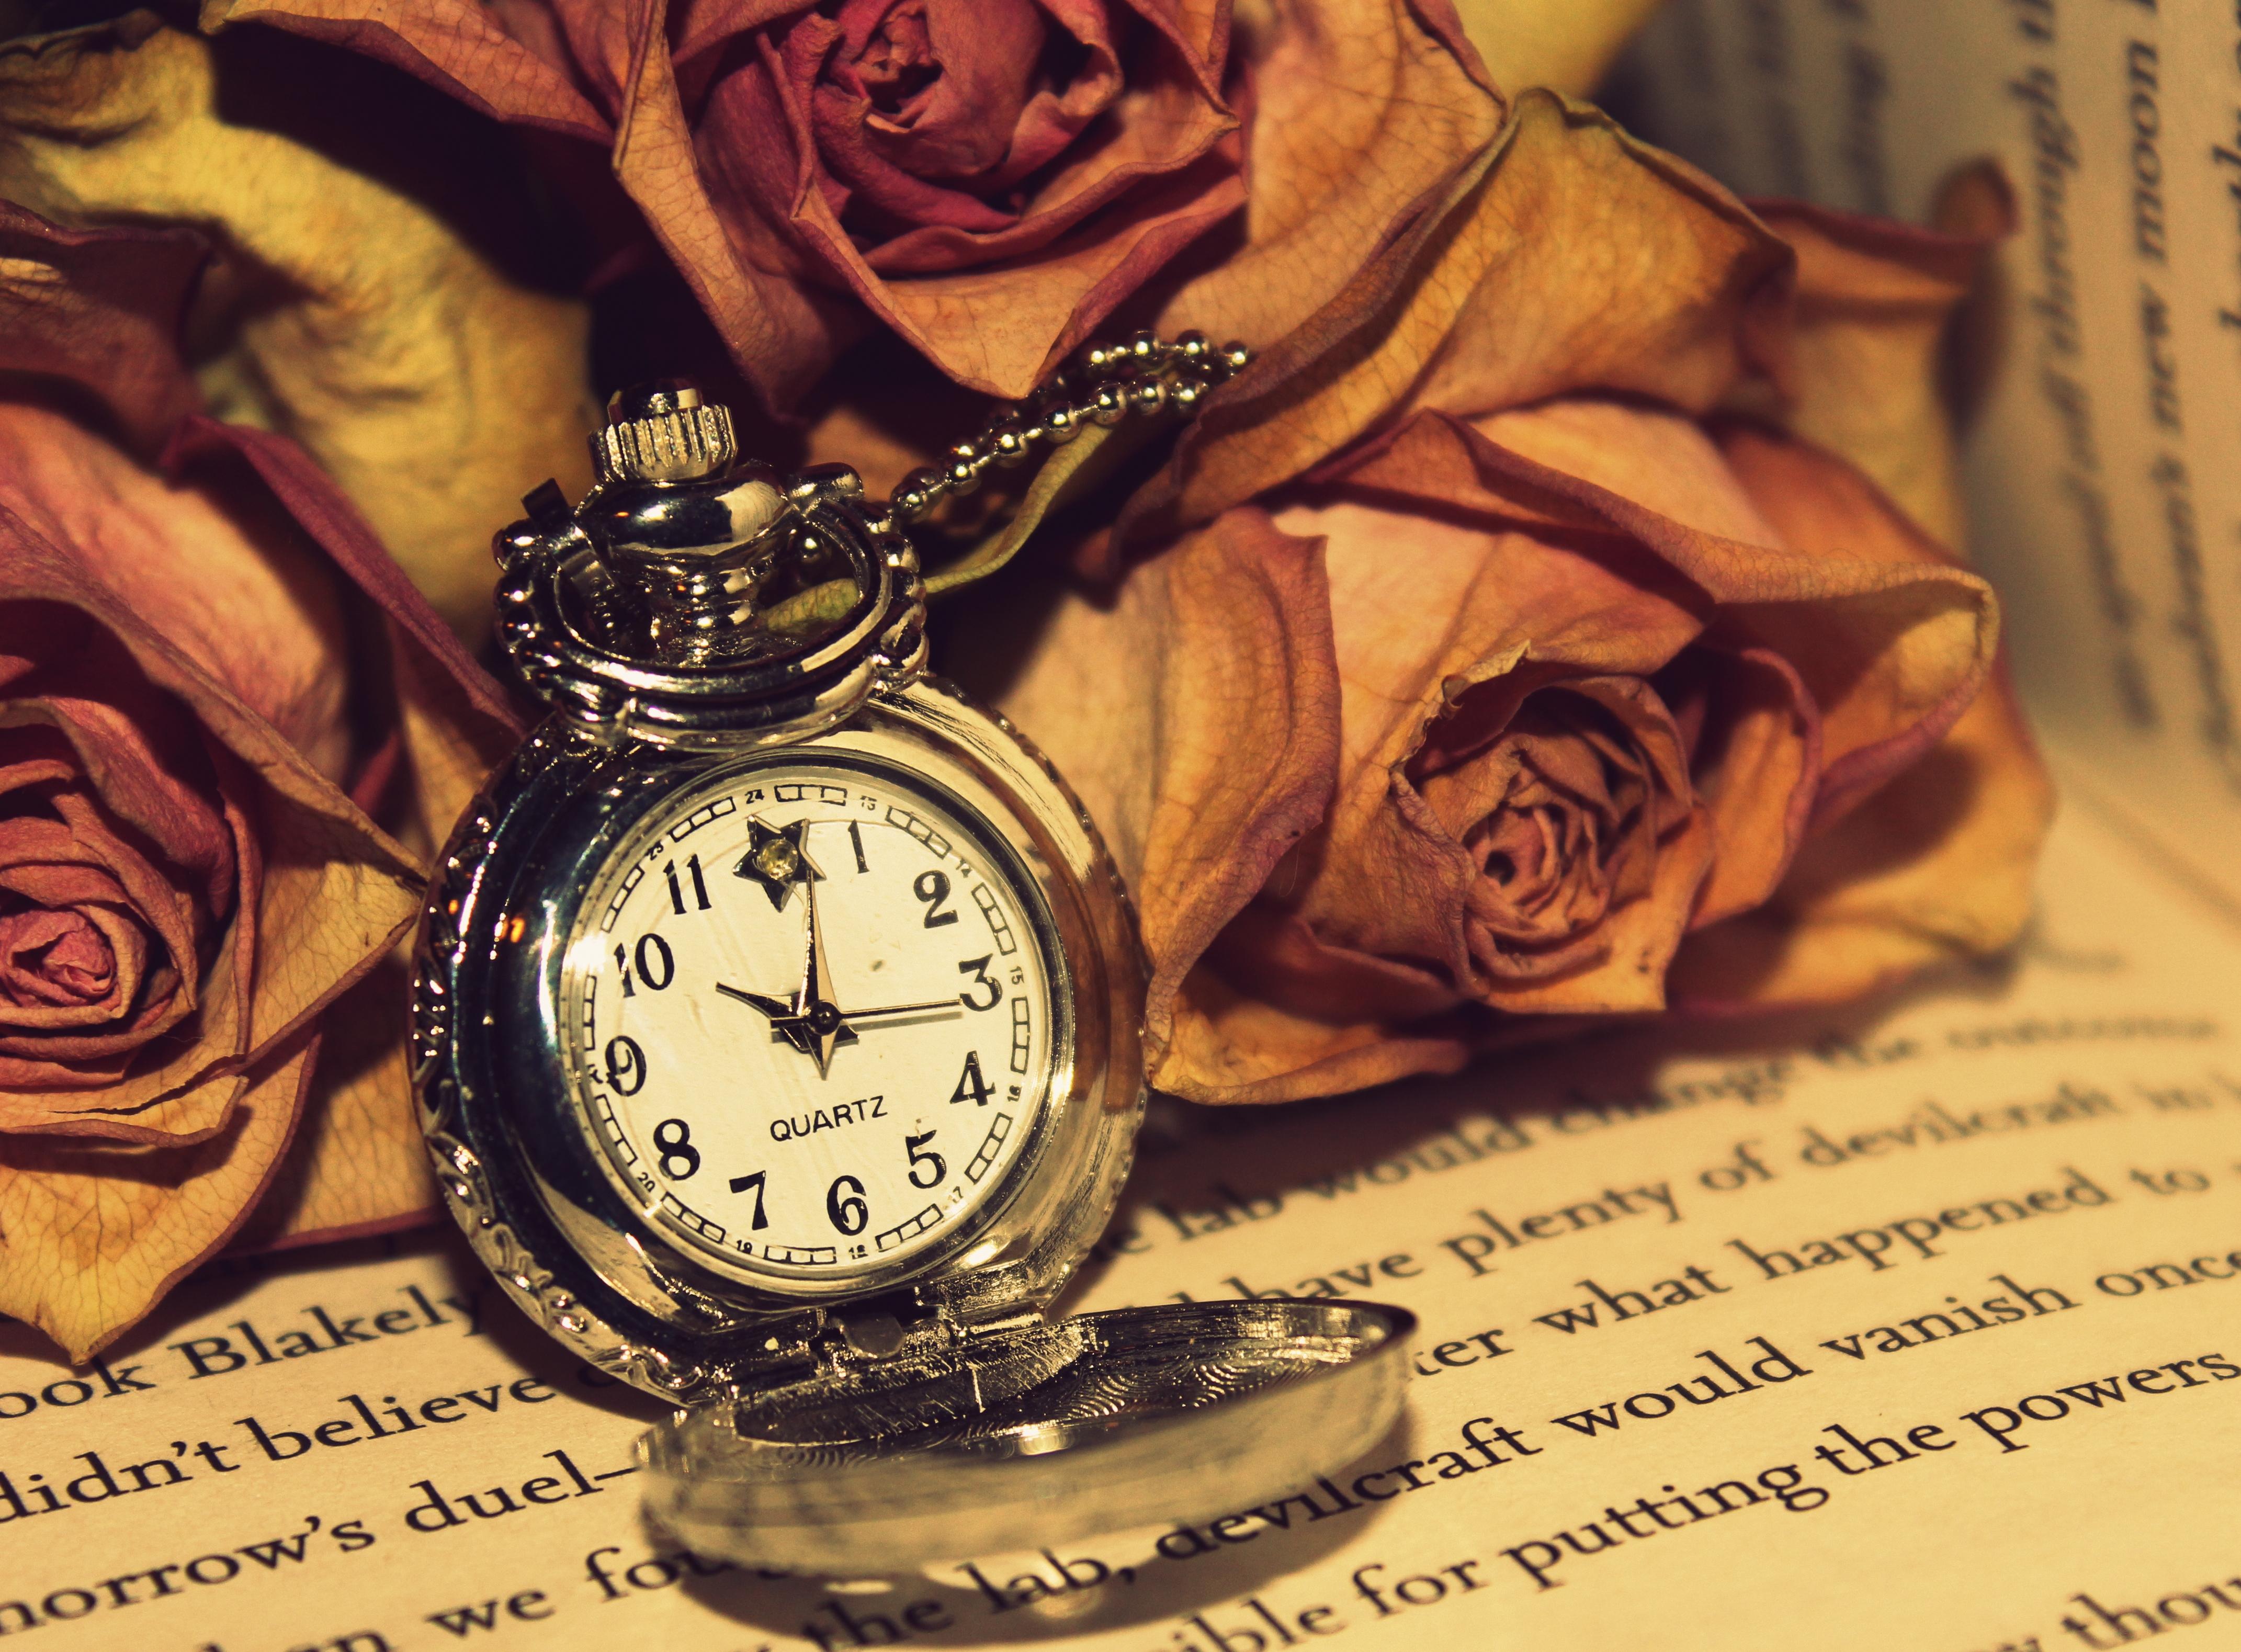 97952 Hintergrundbild herunterladen Roses, Big Ben, Verschiedenes, Sonstige, Lesen - Bildschirmschoner und Bilder kostenlos